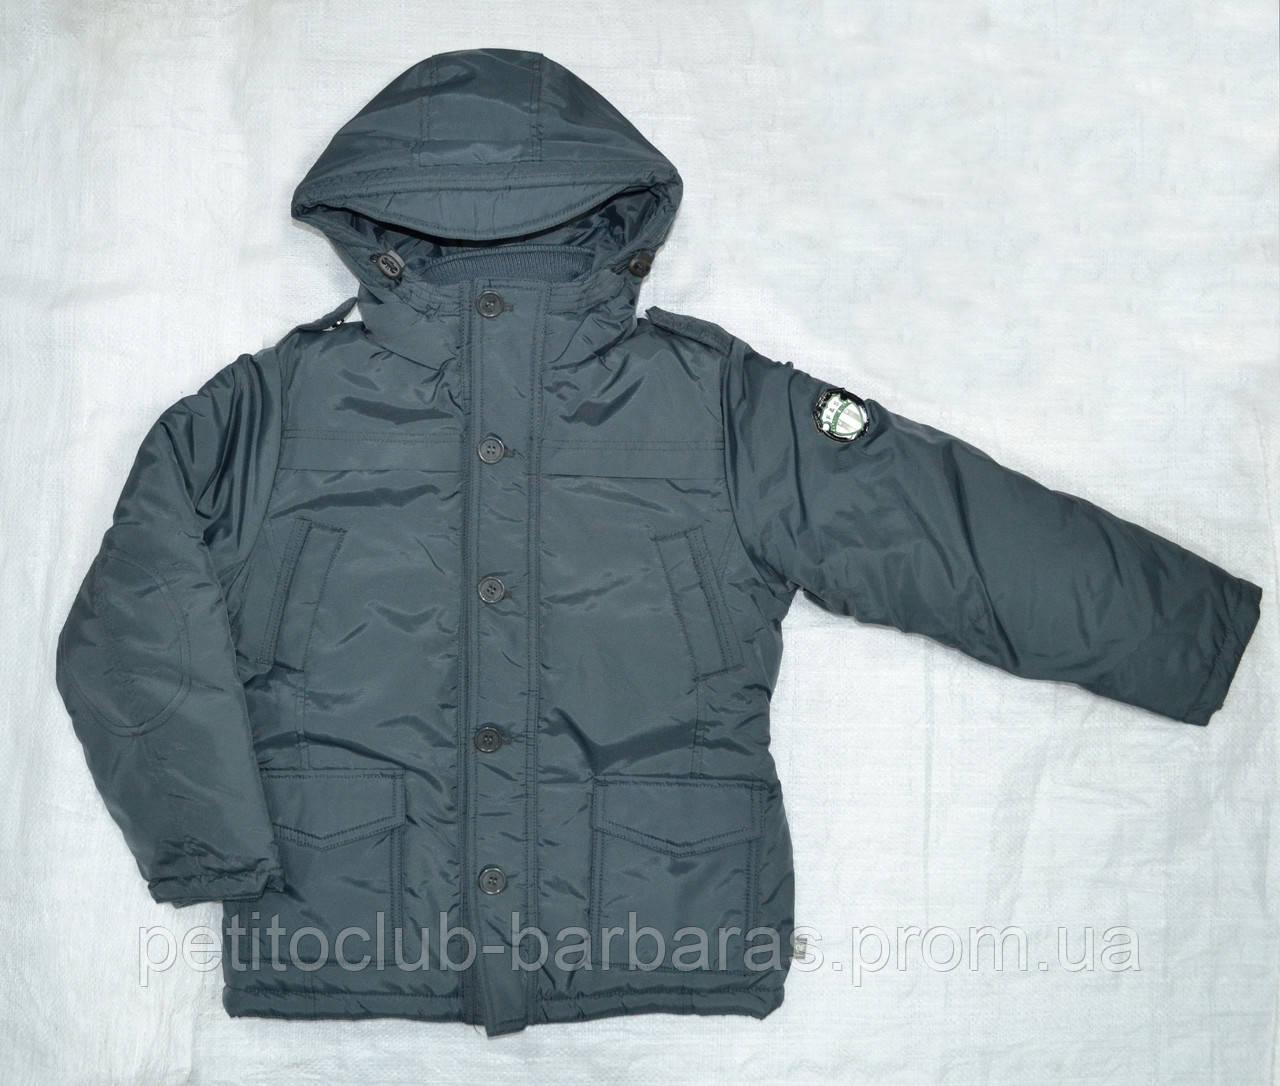 Куртка зимняя для мальчика Mariuzs серая (QuadriFoglio, Польша)